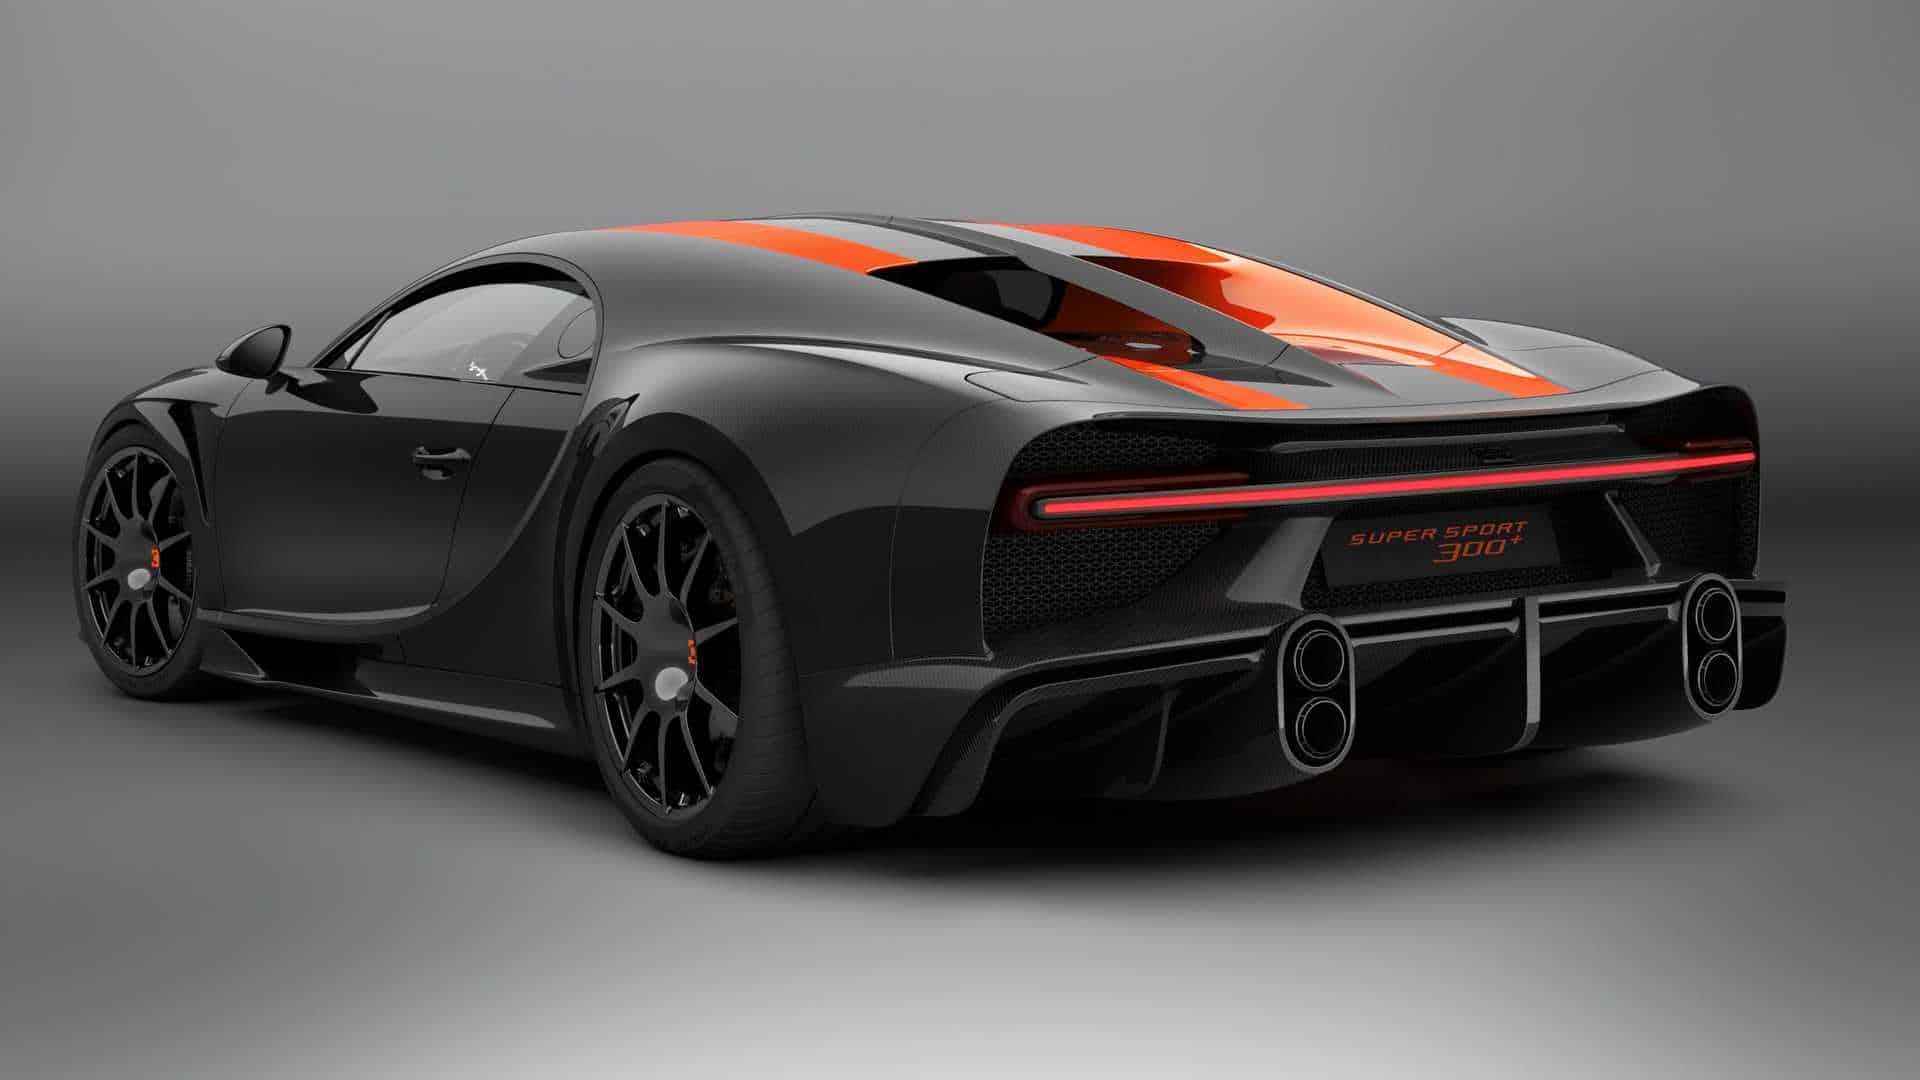 2021 bugatti chiron super sport 300 4